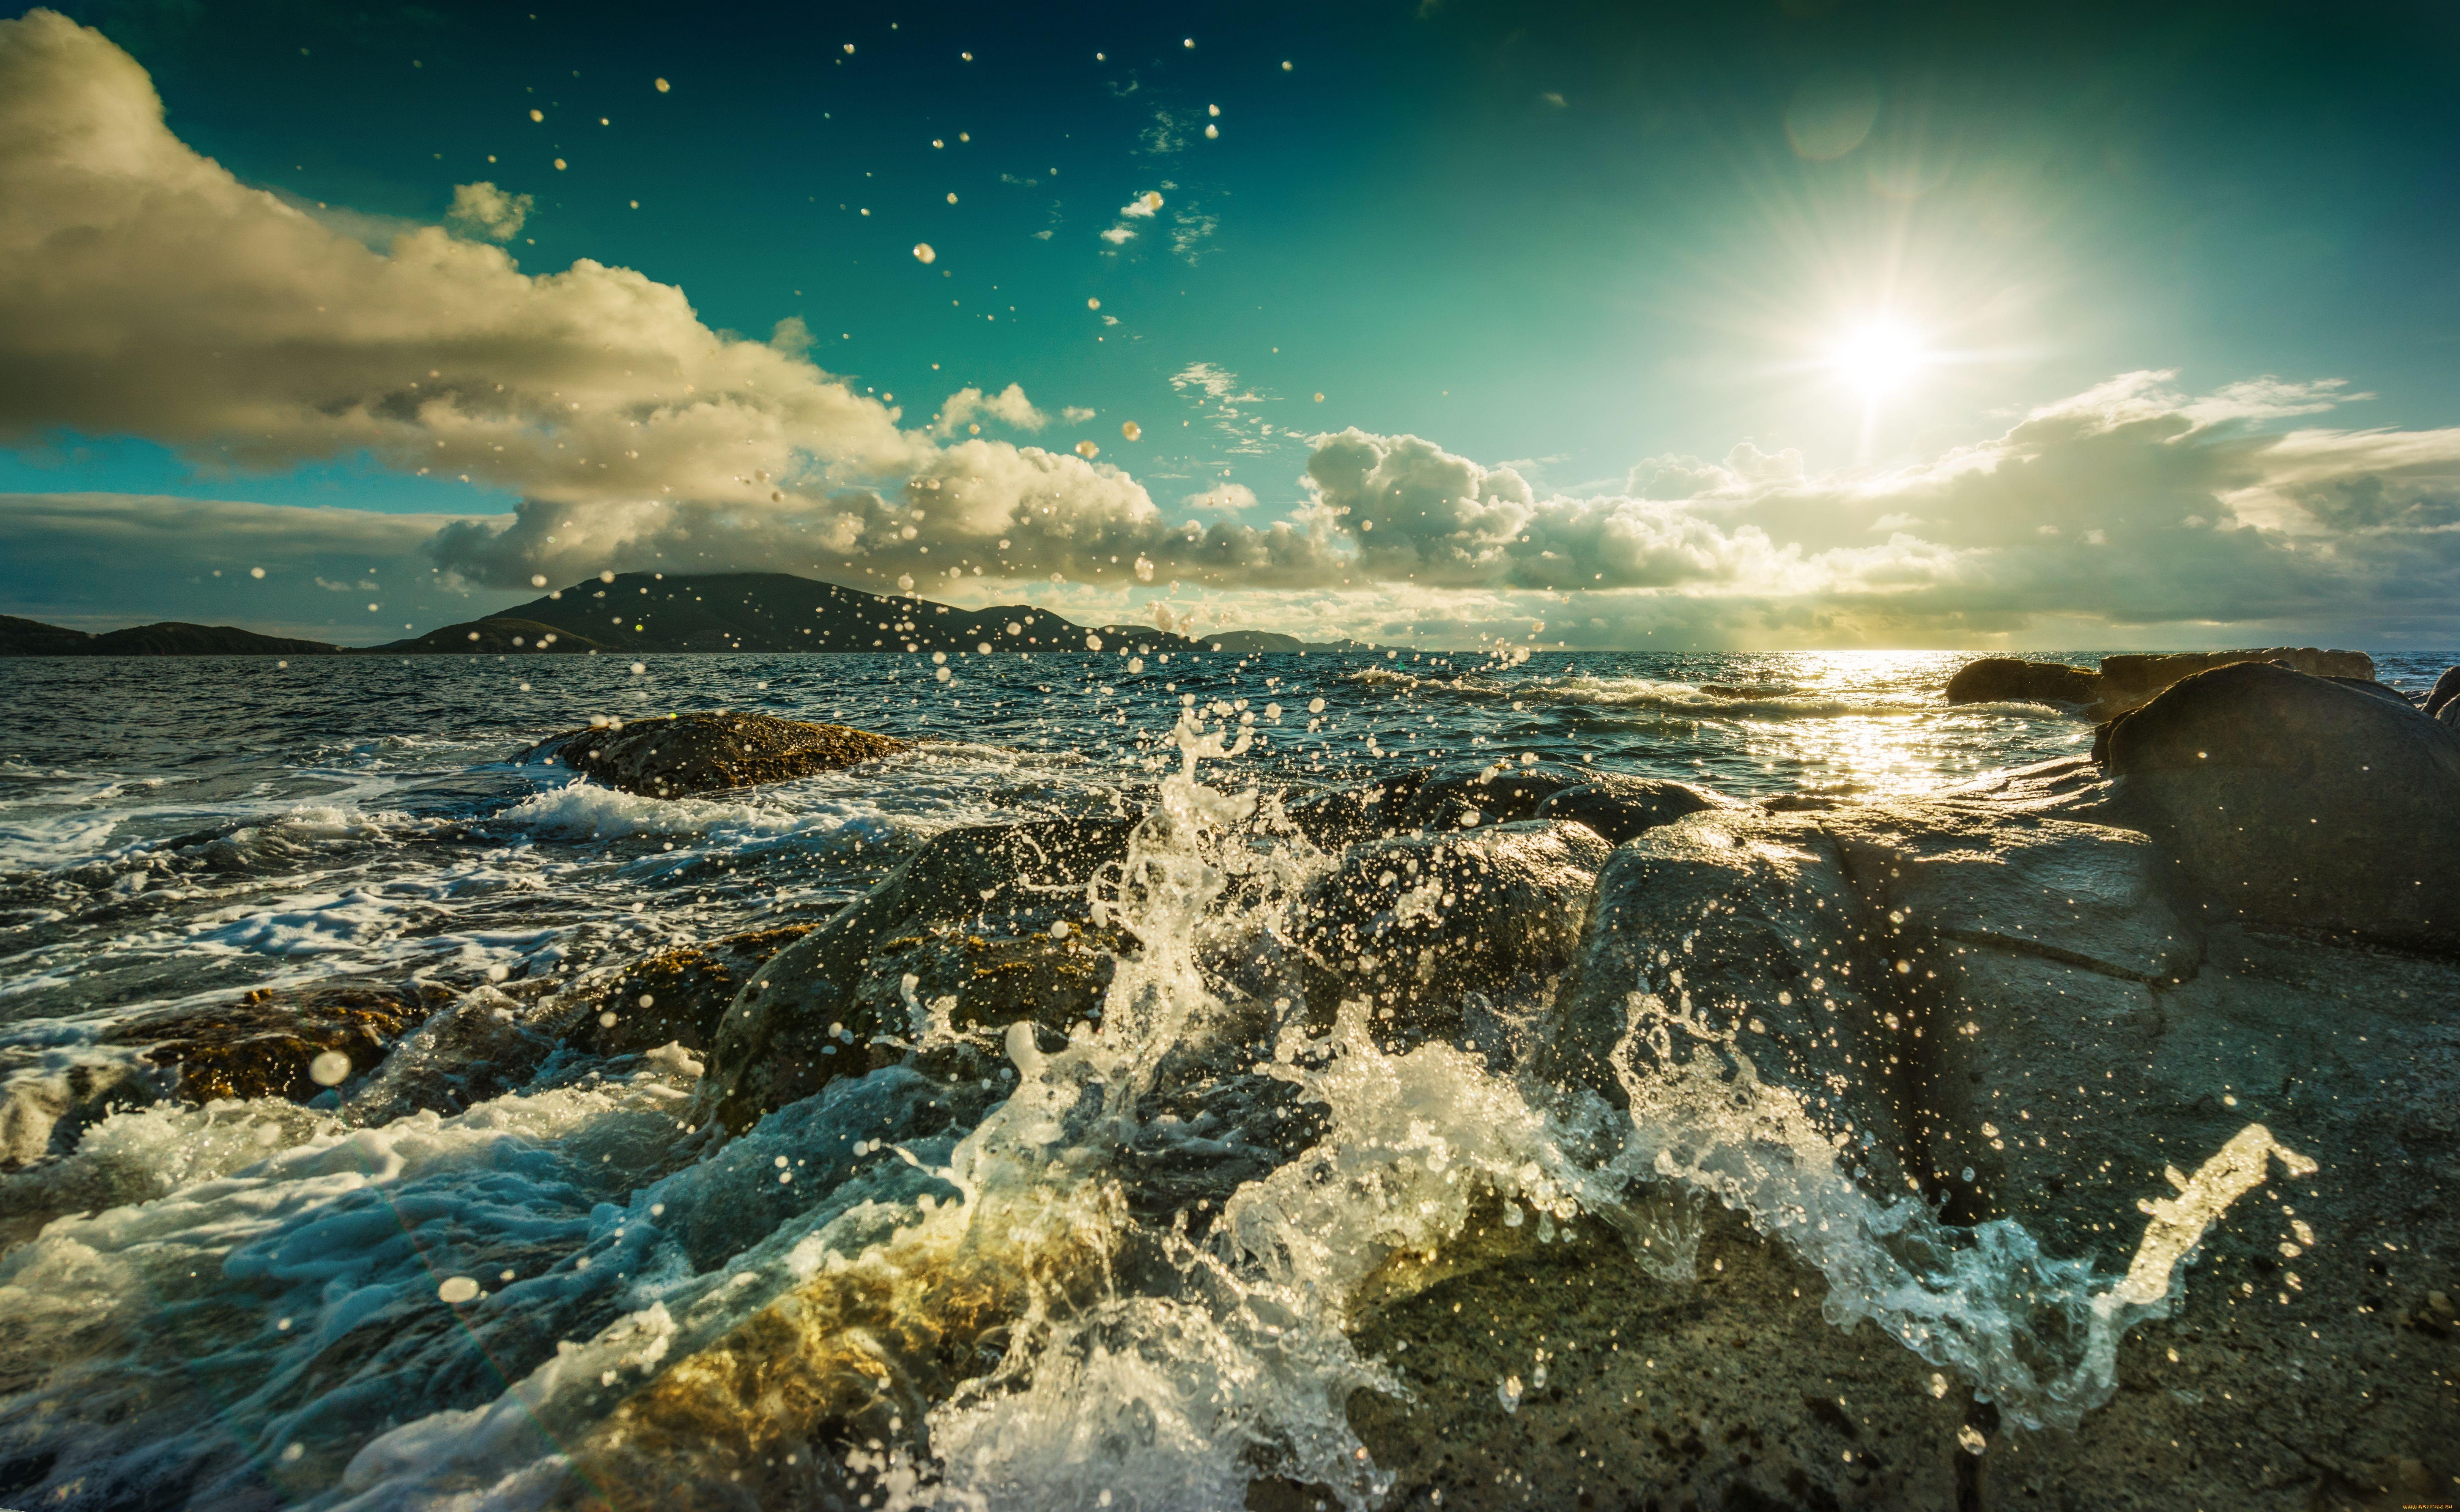 Ocean Waves Sun Rocks Waterdrops Seascapes Water Drops Nature Skies Coastlines Clouds Shorelines Cloud Landscape Earth Nature Nature Hd Wallpaper